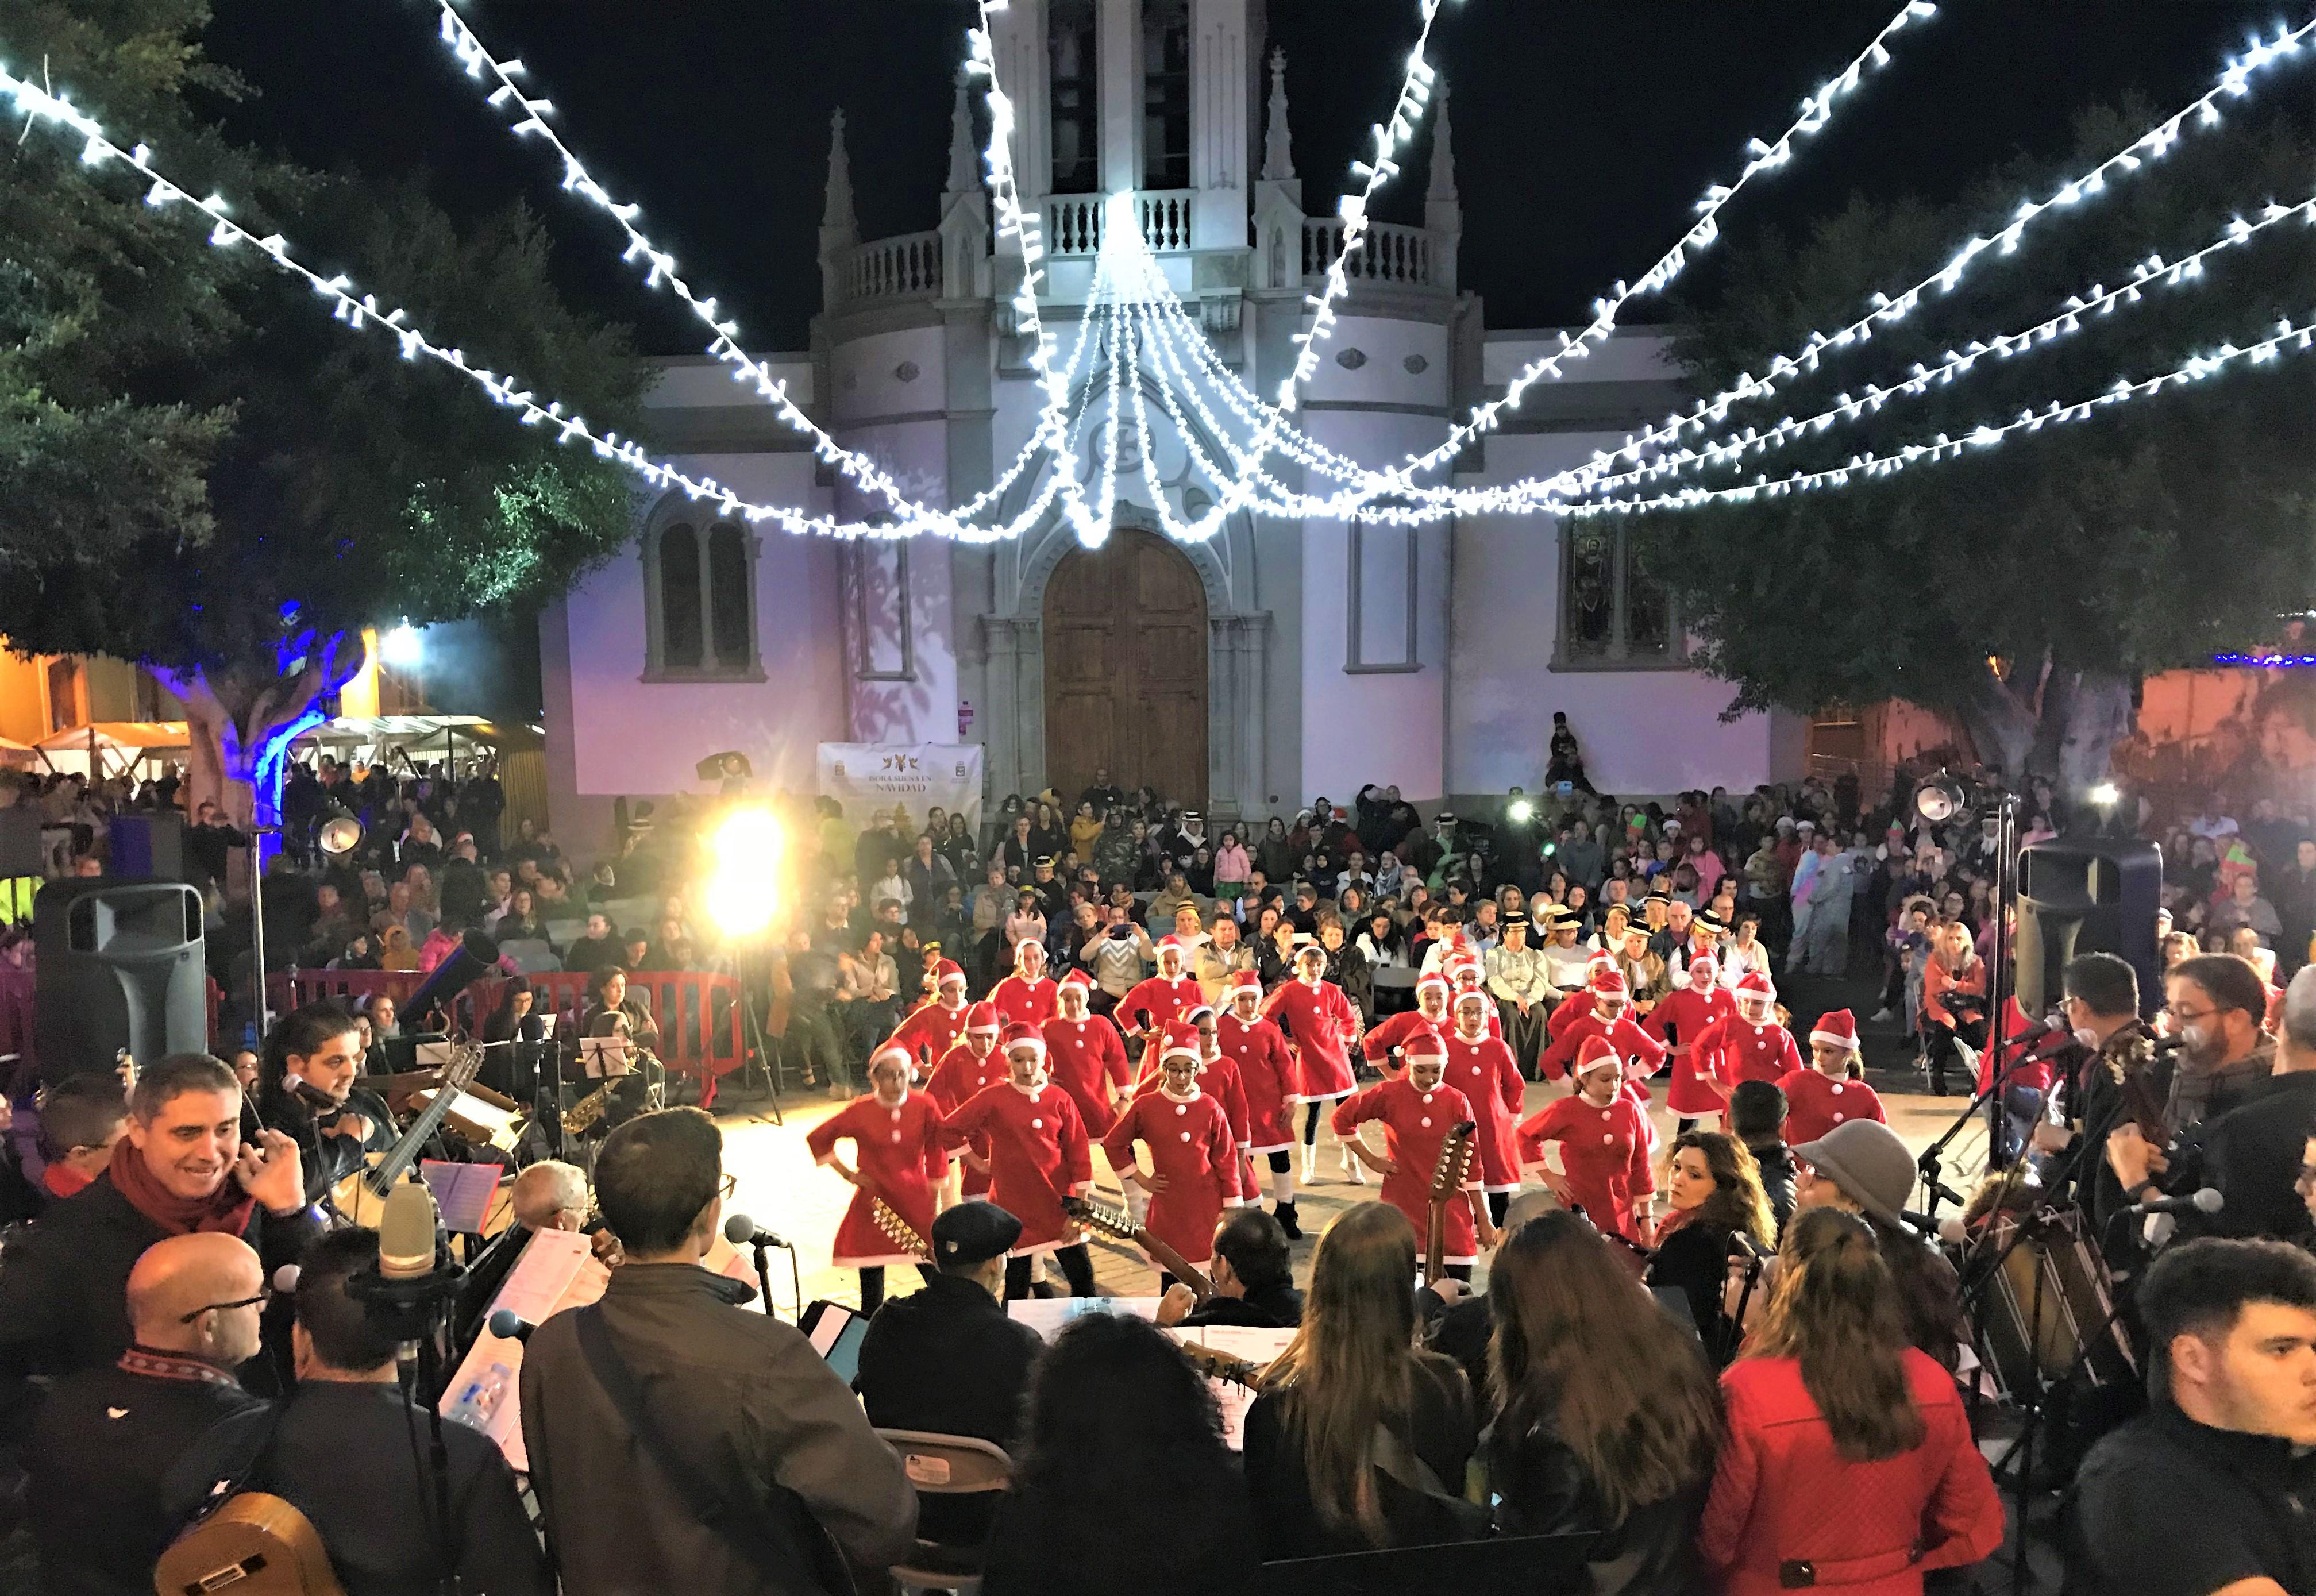 La Navidad llega a Guía con música, teatro, deporte y numerosas actividades al aire libre para disfrutar en familia